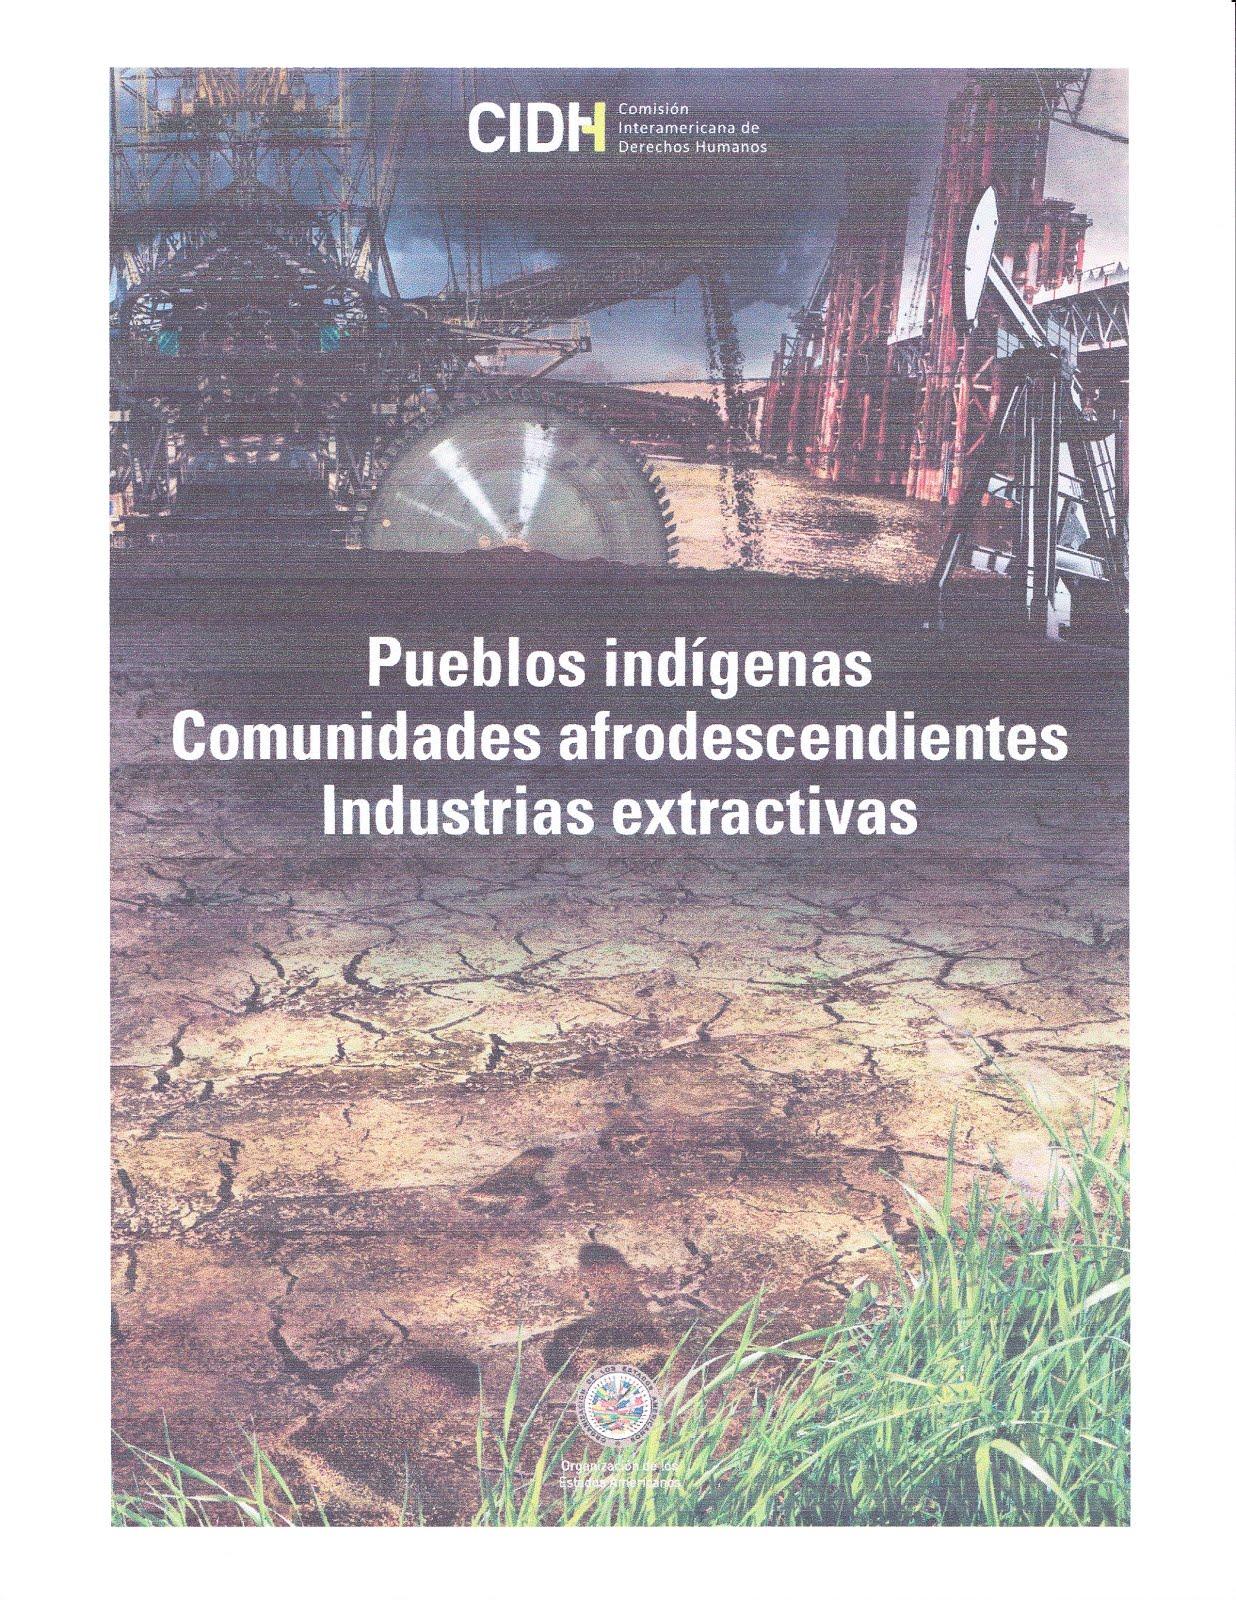 Pueblos indígenas, Comunidades afrodescendientes, Industrias extractivas